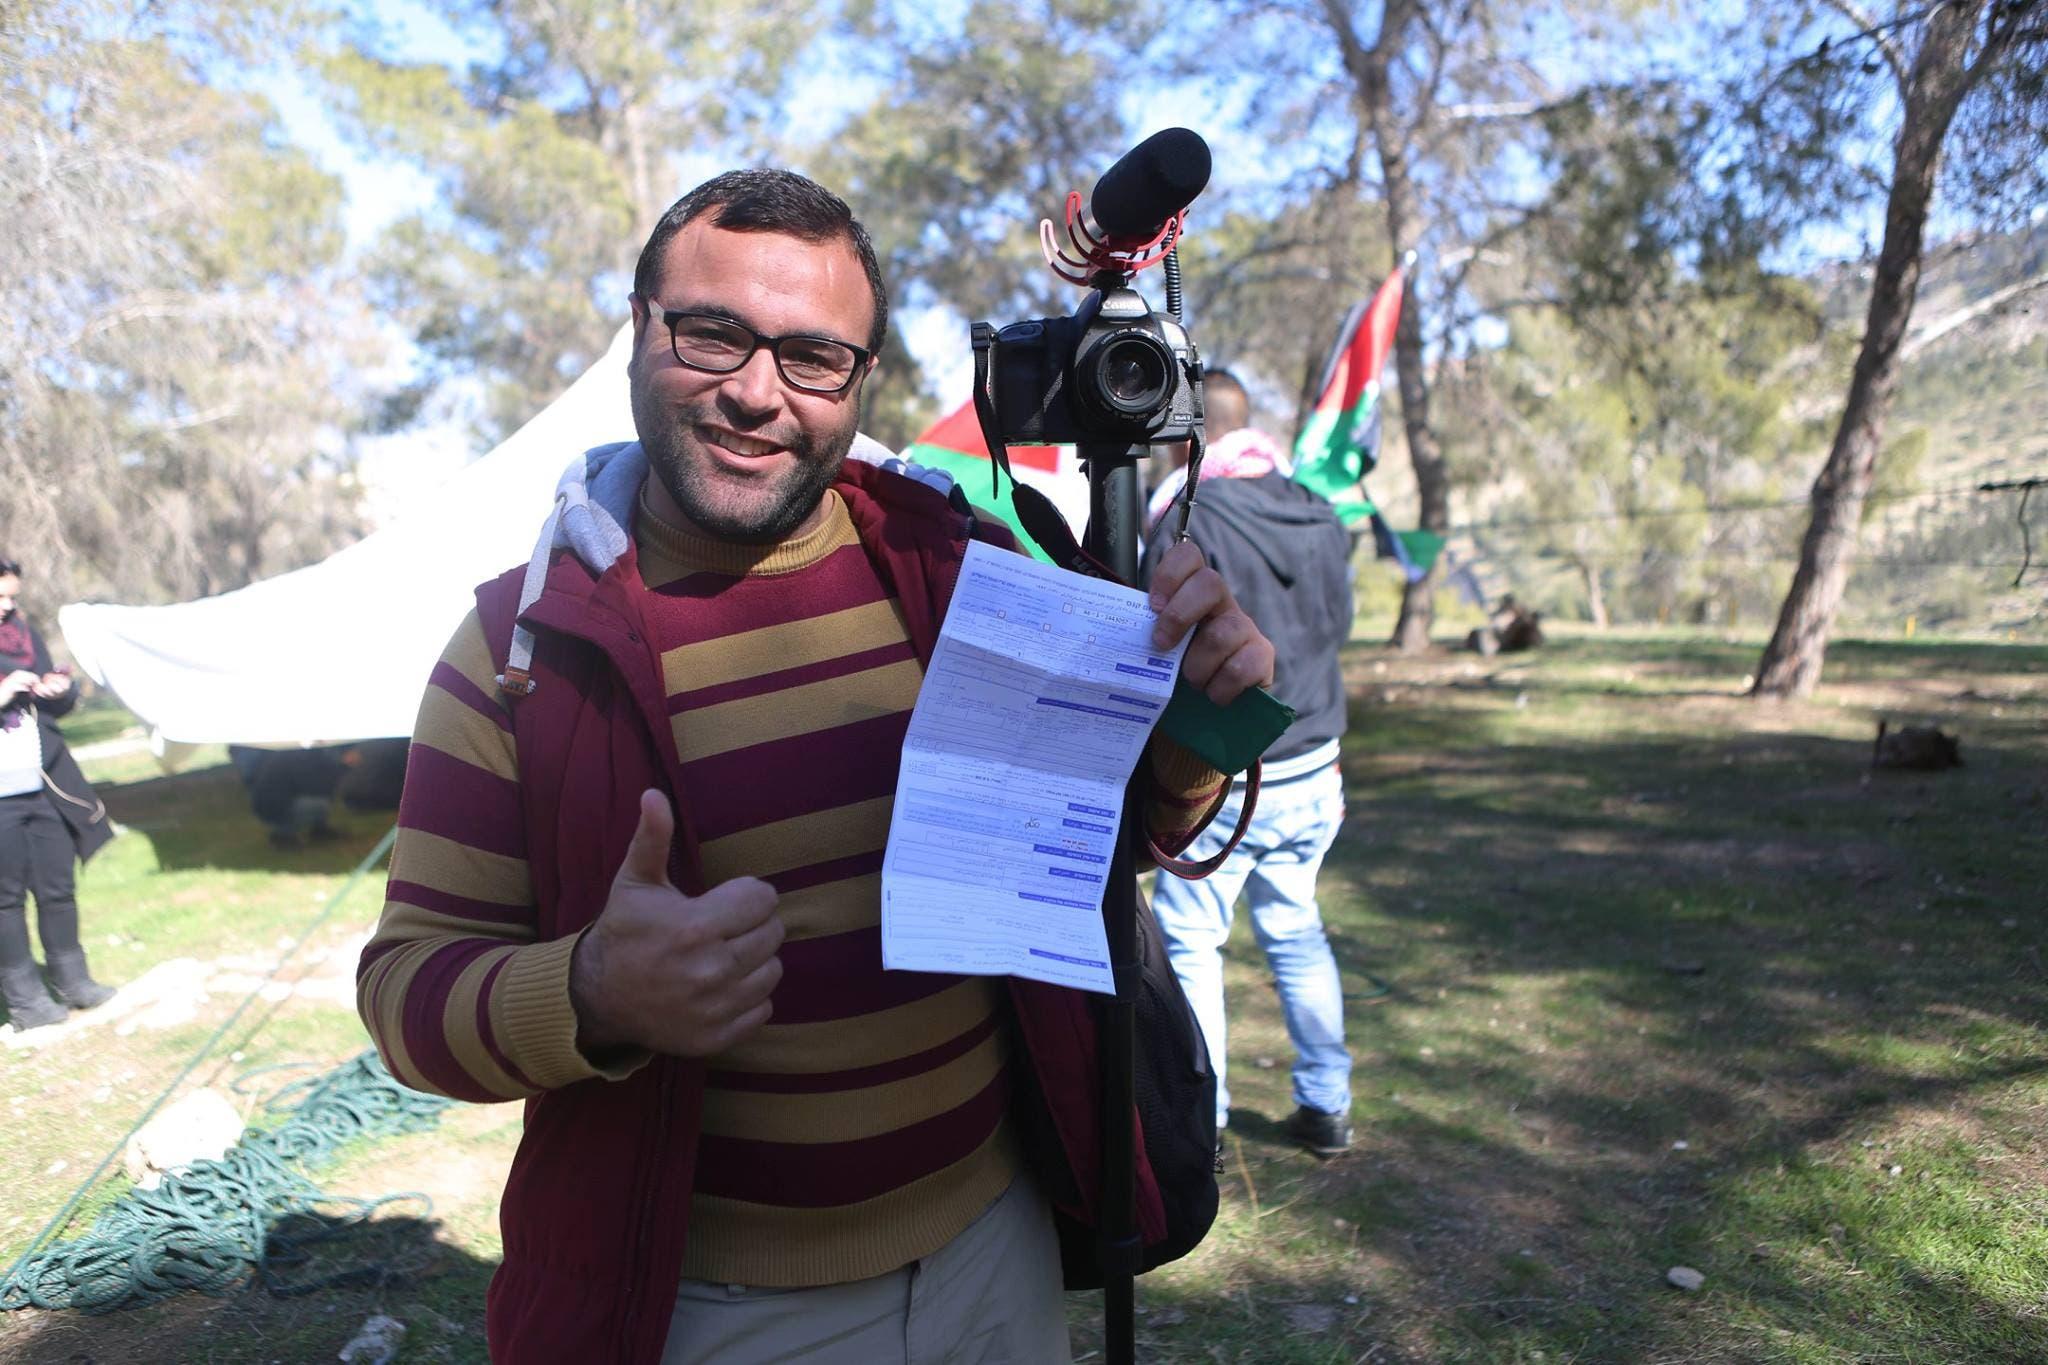 هشام أبو شقرة مع المخالفة